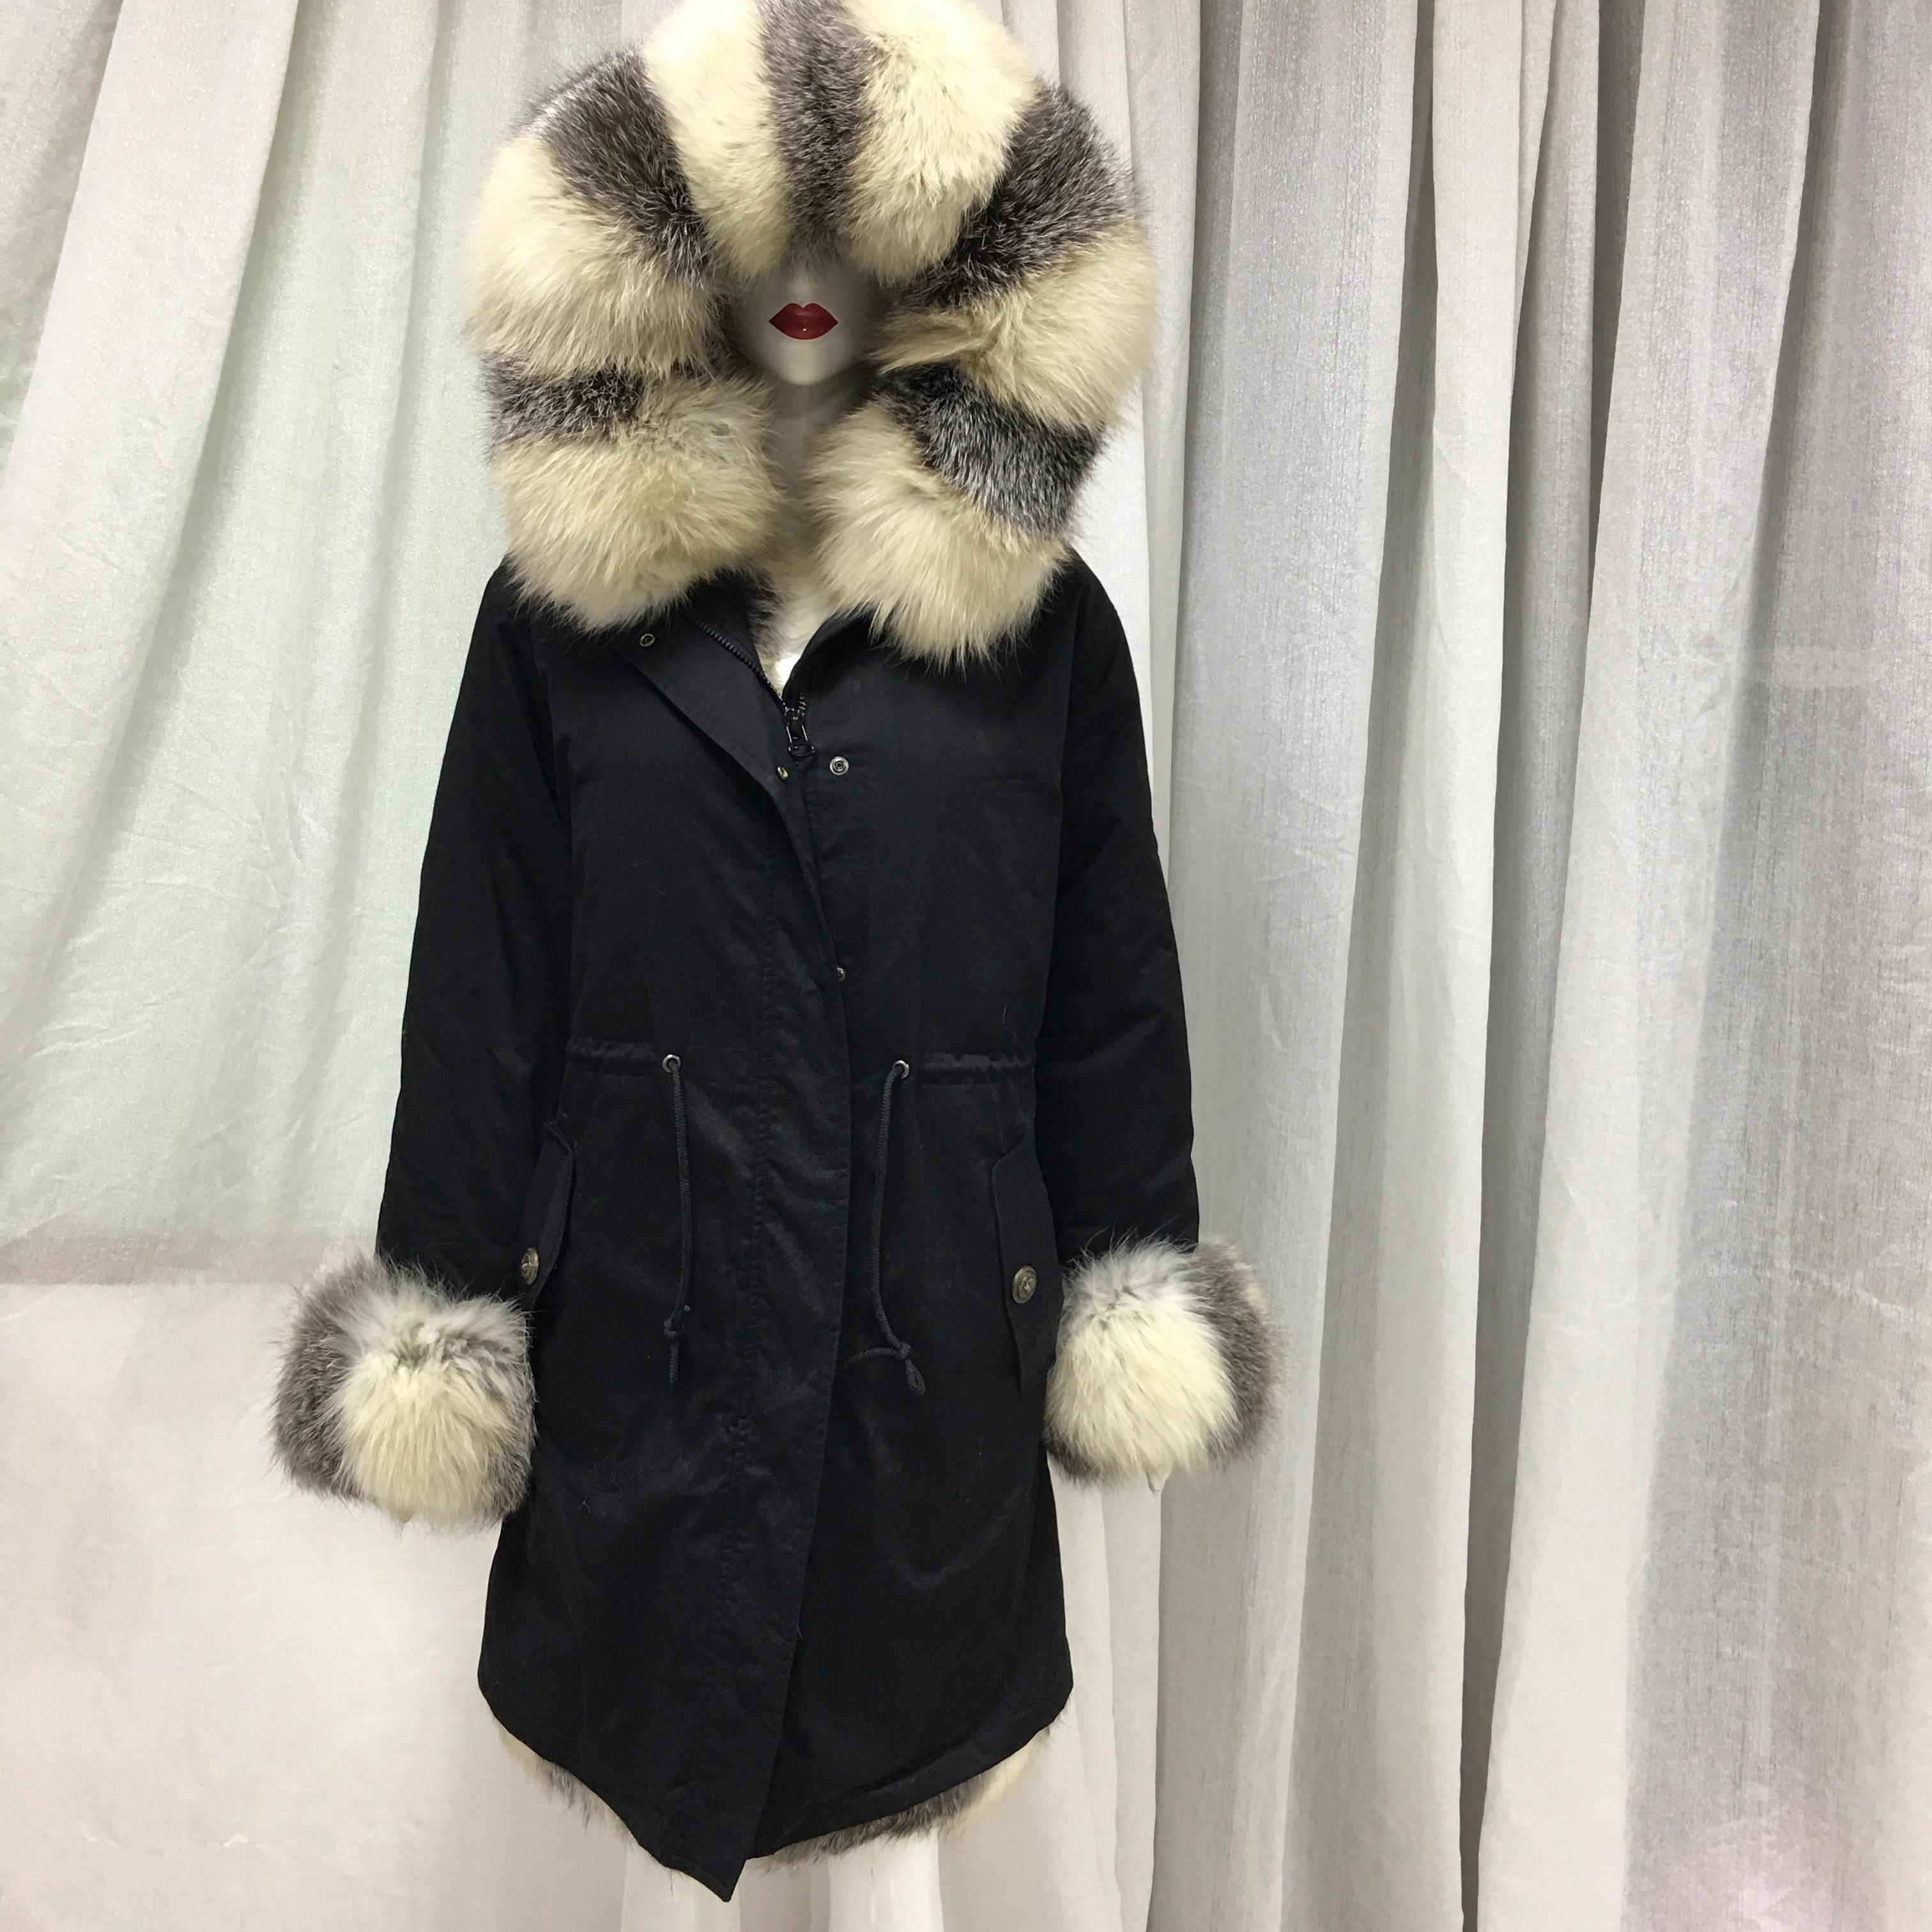 Moda agradable negro blanco rayas Real de los hombres de piel de zorro frente brazalete Collar largo negro chaqueta de invierno